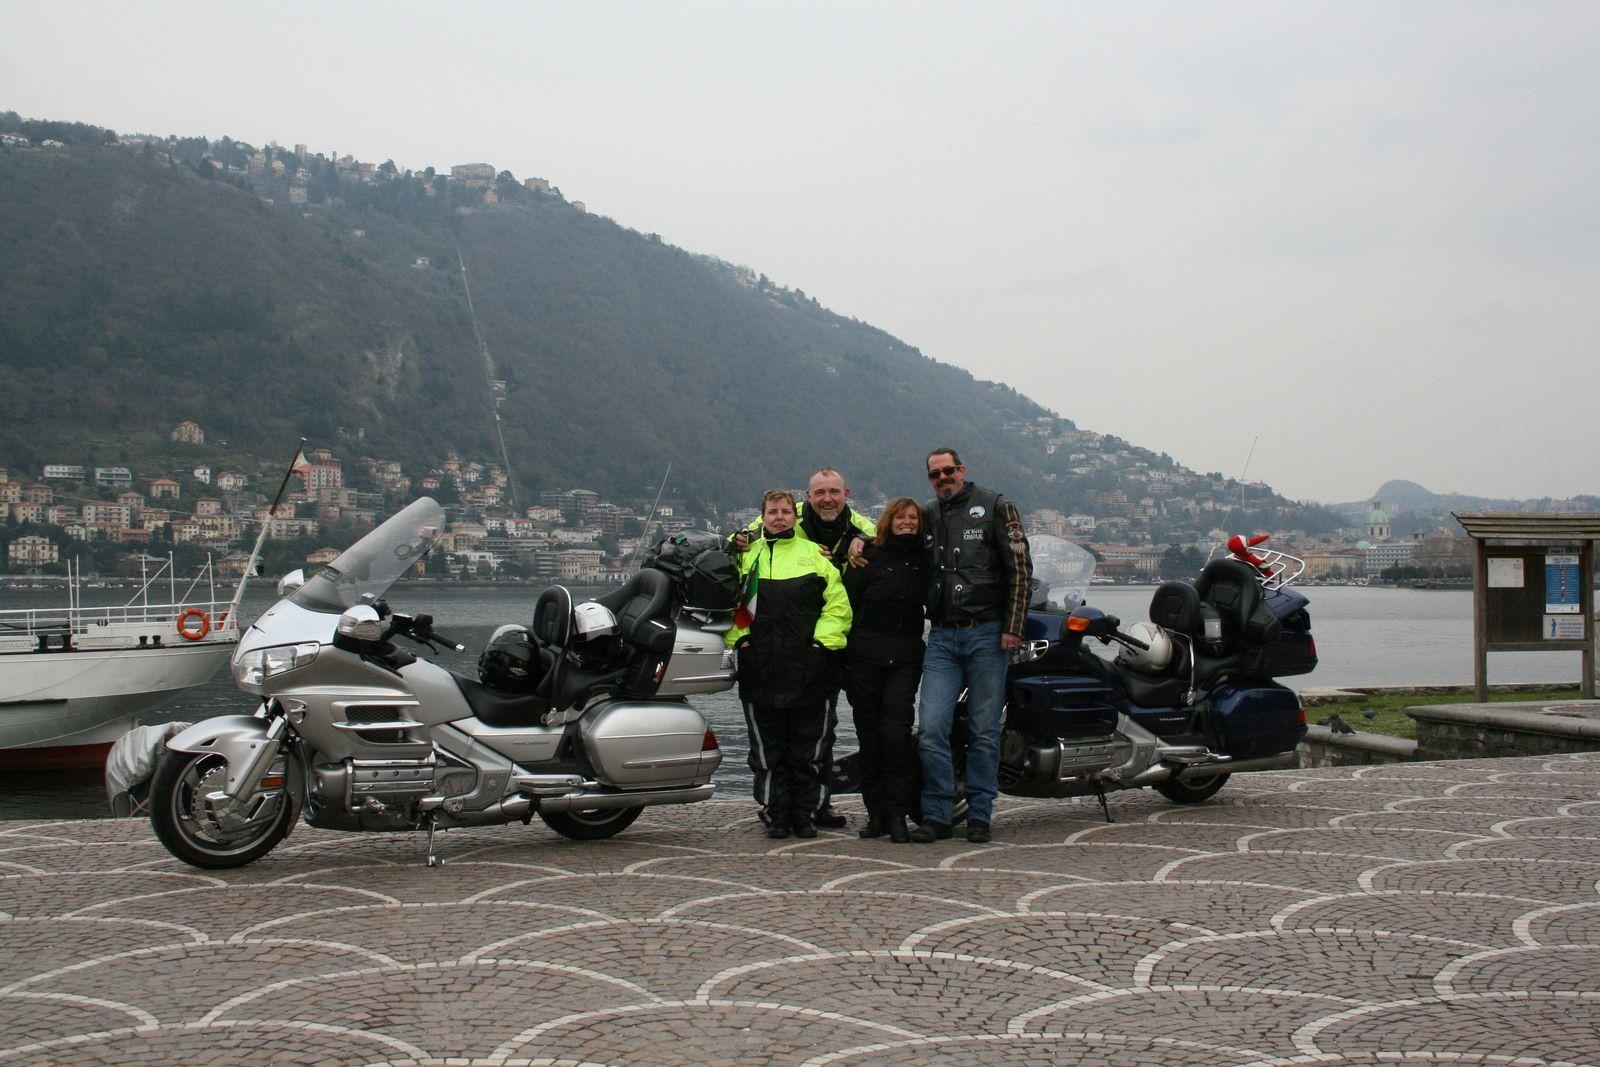 Goldwing - Voyage de 4 jours à Venise à moto 03/2016 - 1er jour